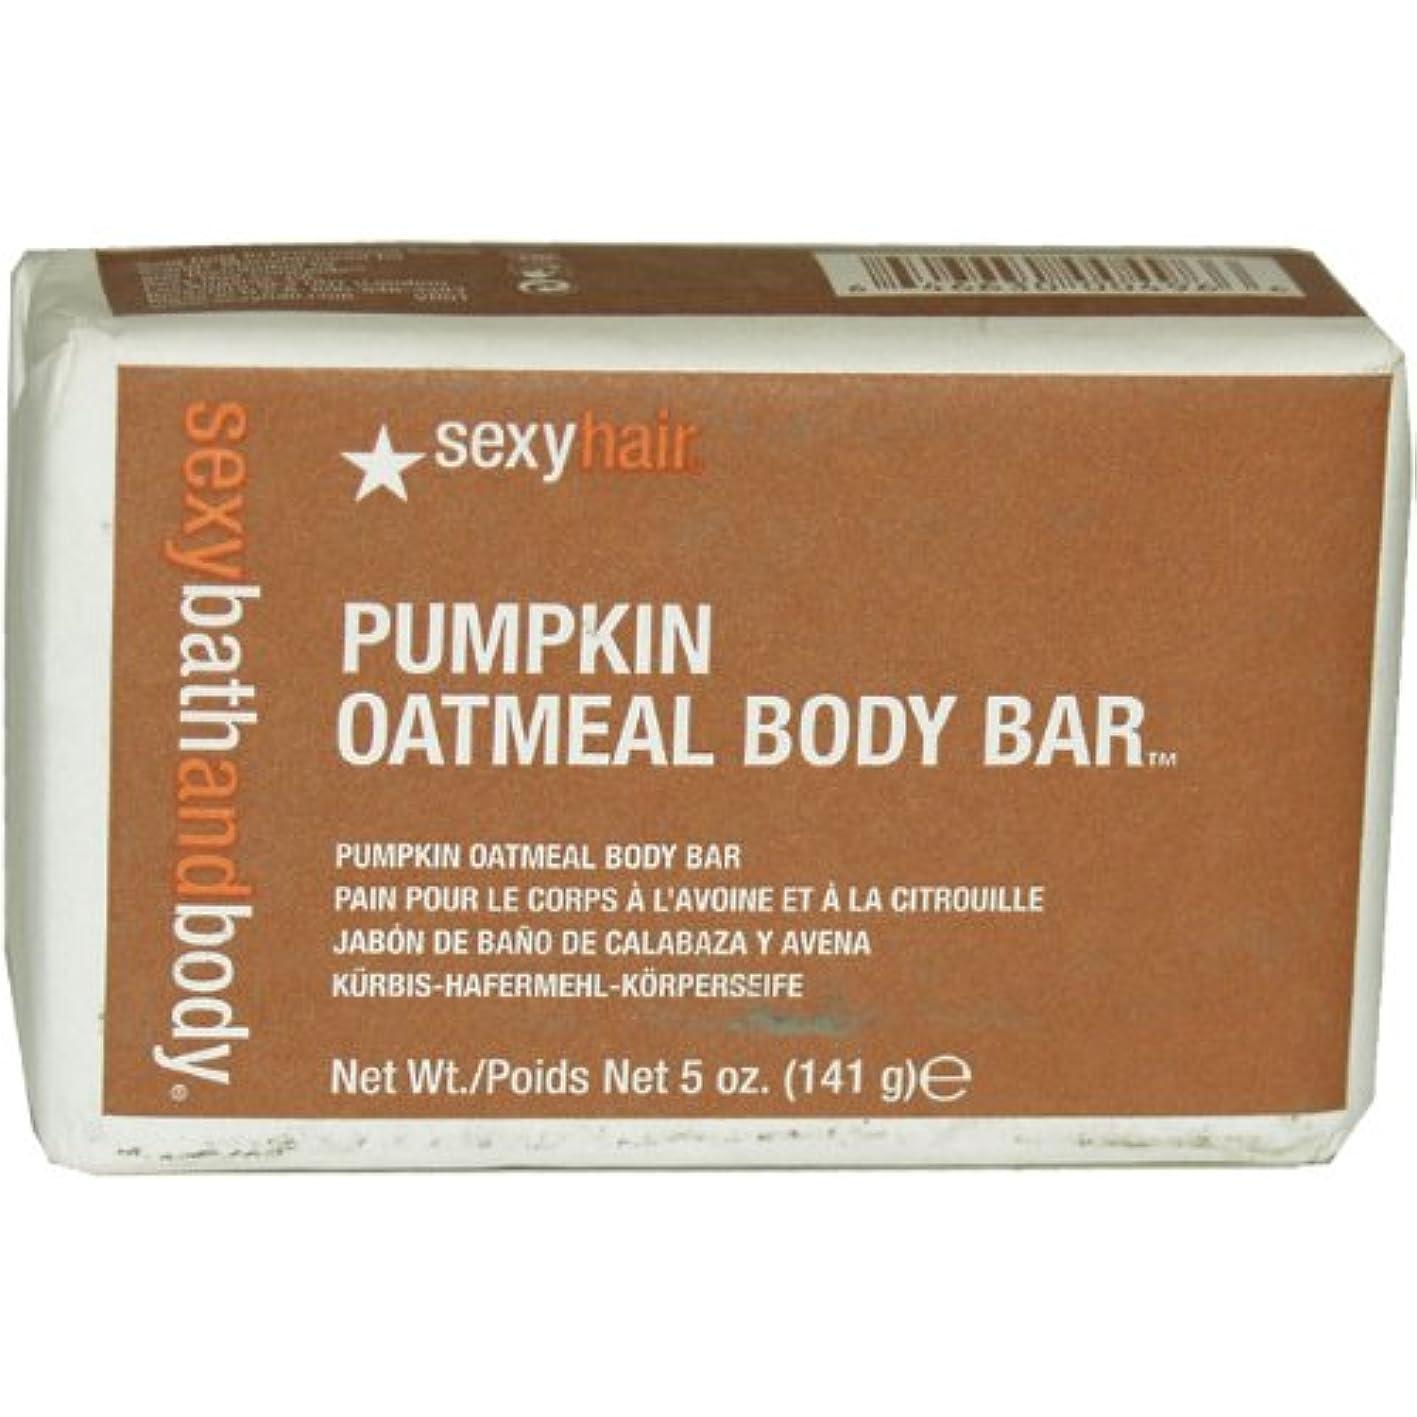 最小化する要塞見せますHealthy Sexy Hair Pumpkin Oatmeal Body Bar